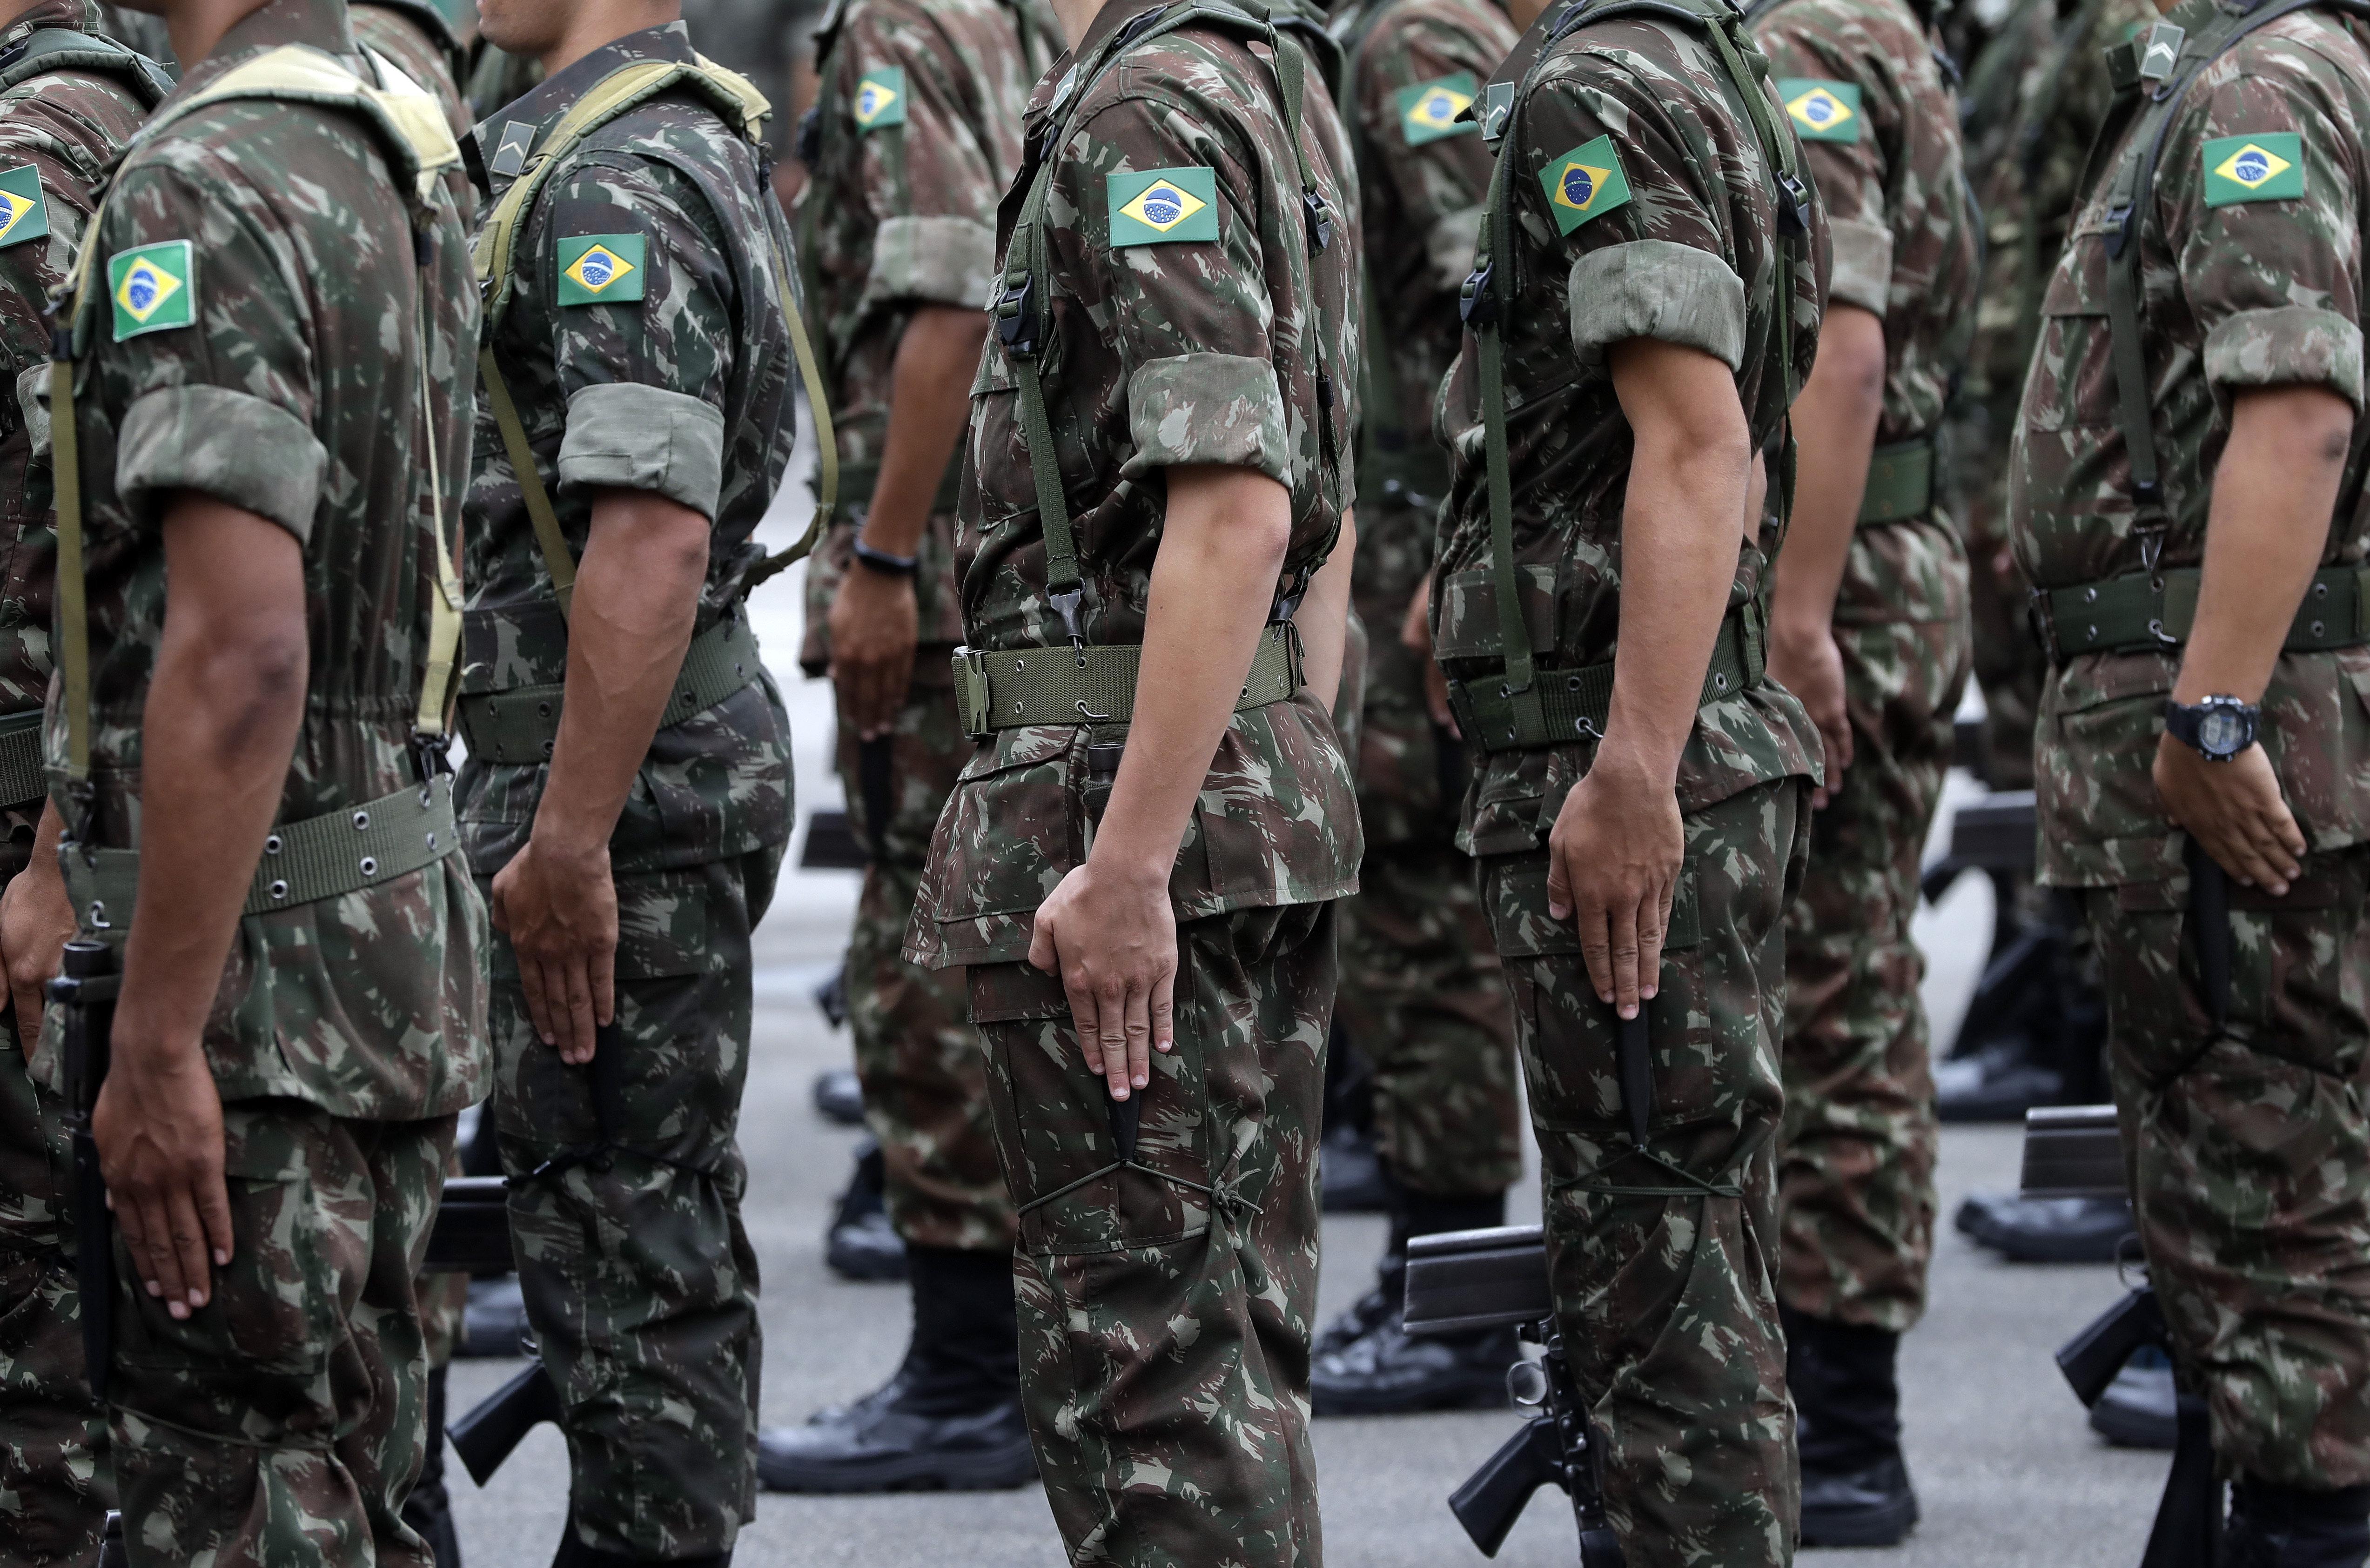 Juíza federal proíbe governo de celebrar 55 anos do golpe